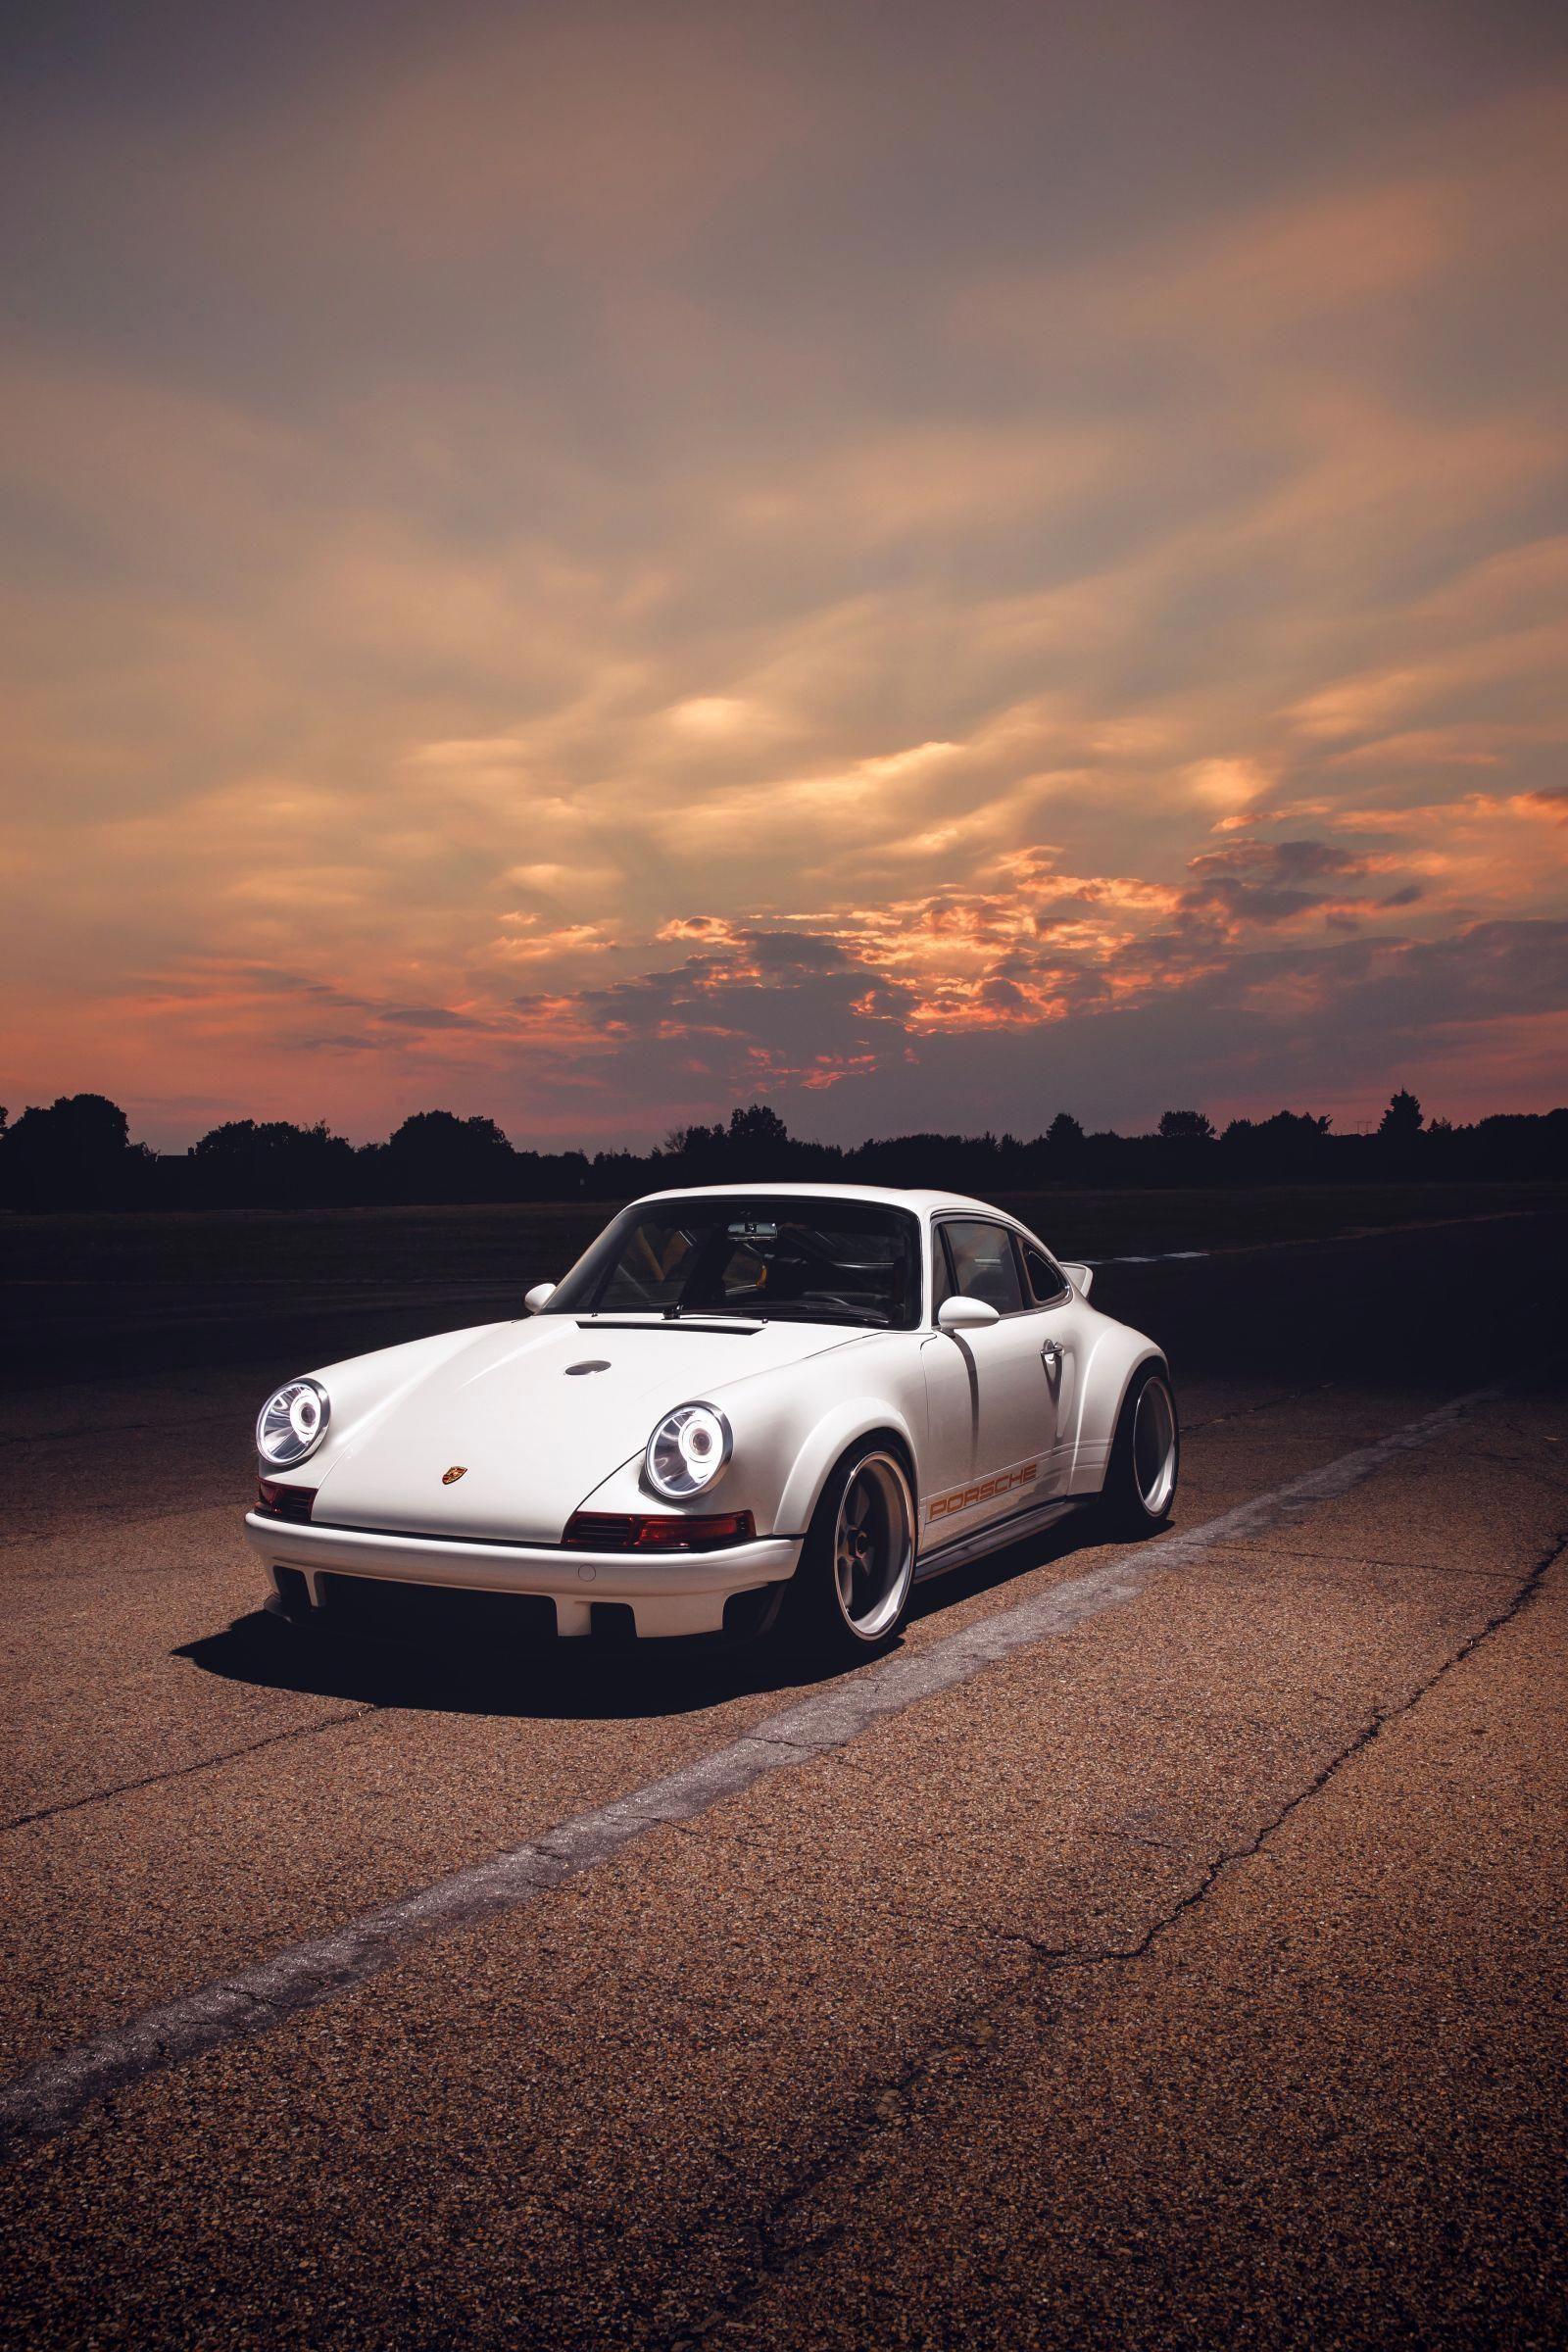 The Singer Williams Dls Is The Ultimate Carbon Fiber Vision Of A Porsche 911 Classic Porsche Porsche 911 Porsche